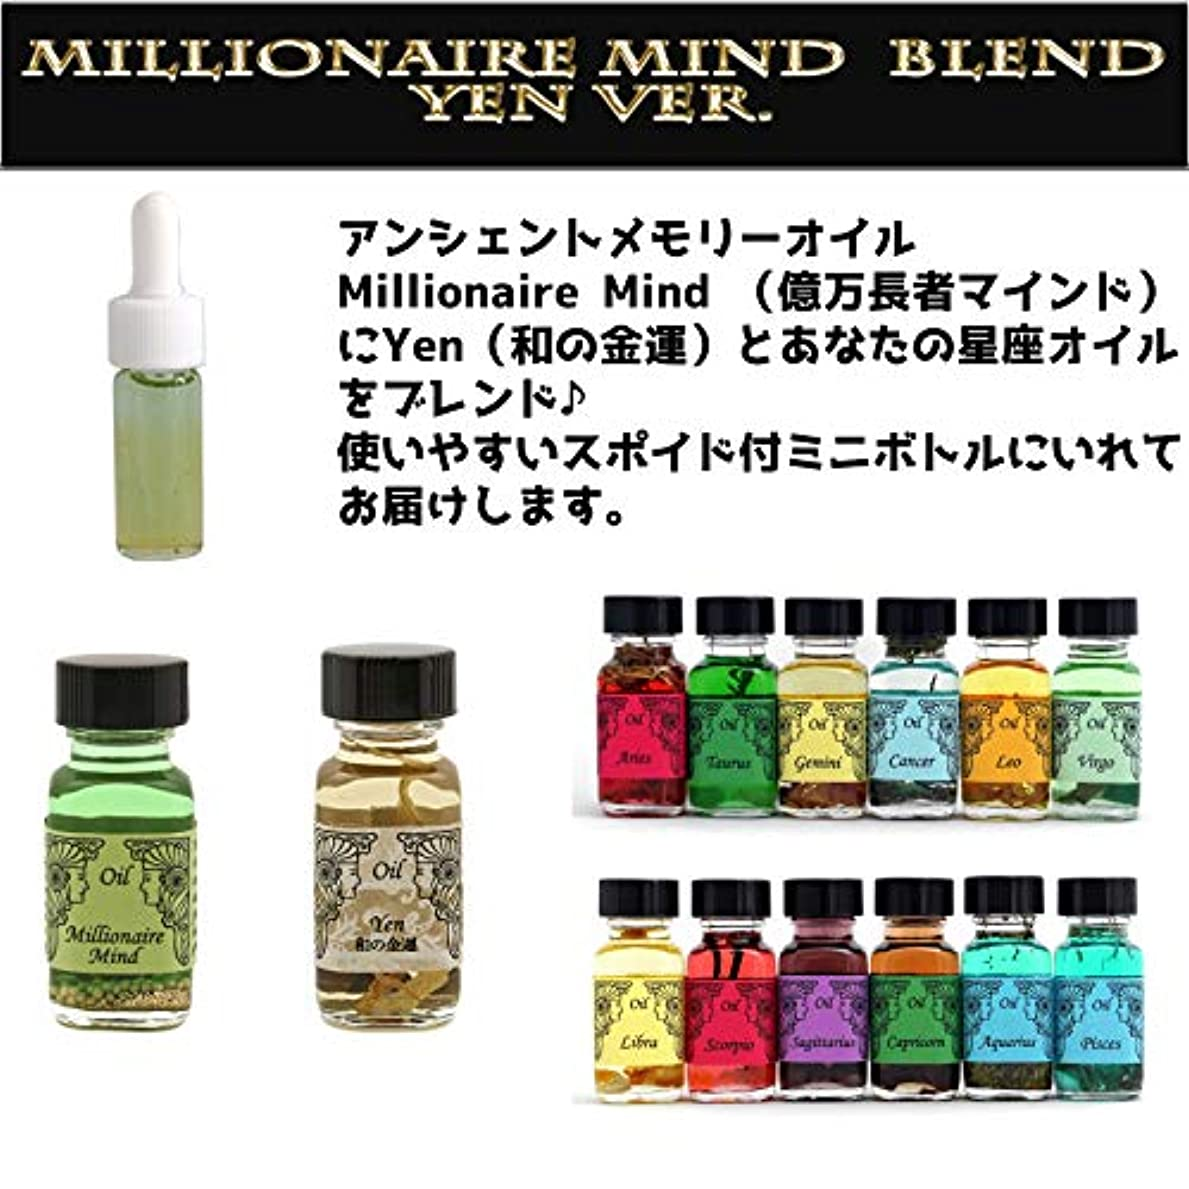 割り当てる余分なお互いアンシェントメモリーオイル Millionaire Mind 億万長者マインド ブレンド【Yen 和の金運&さそり座】